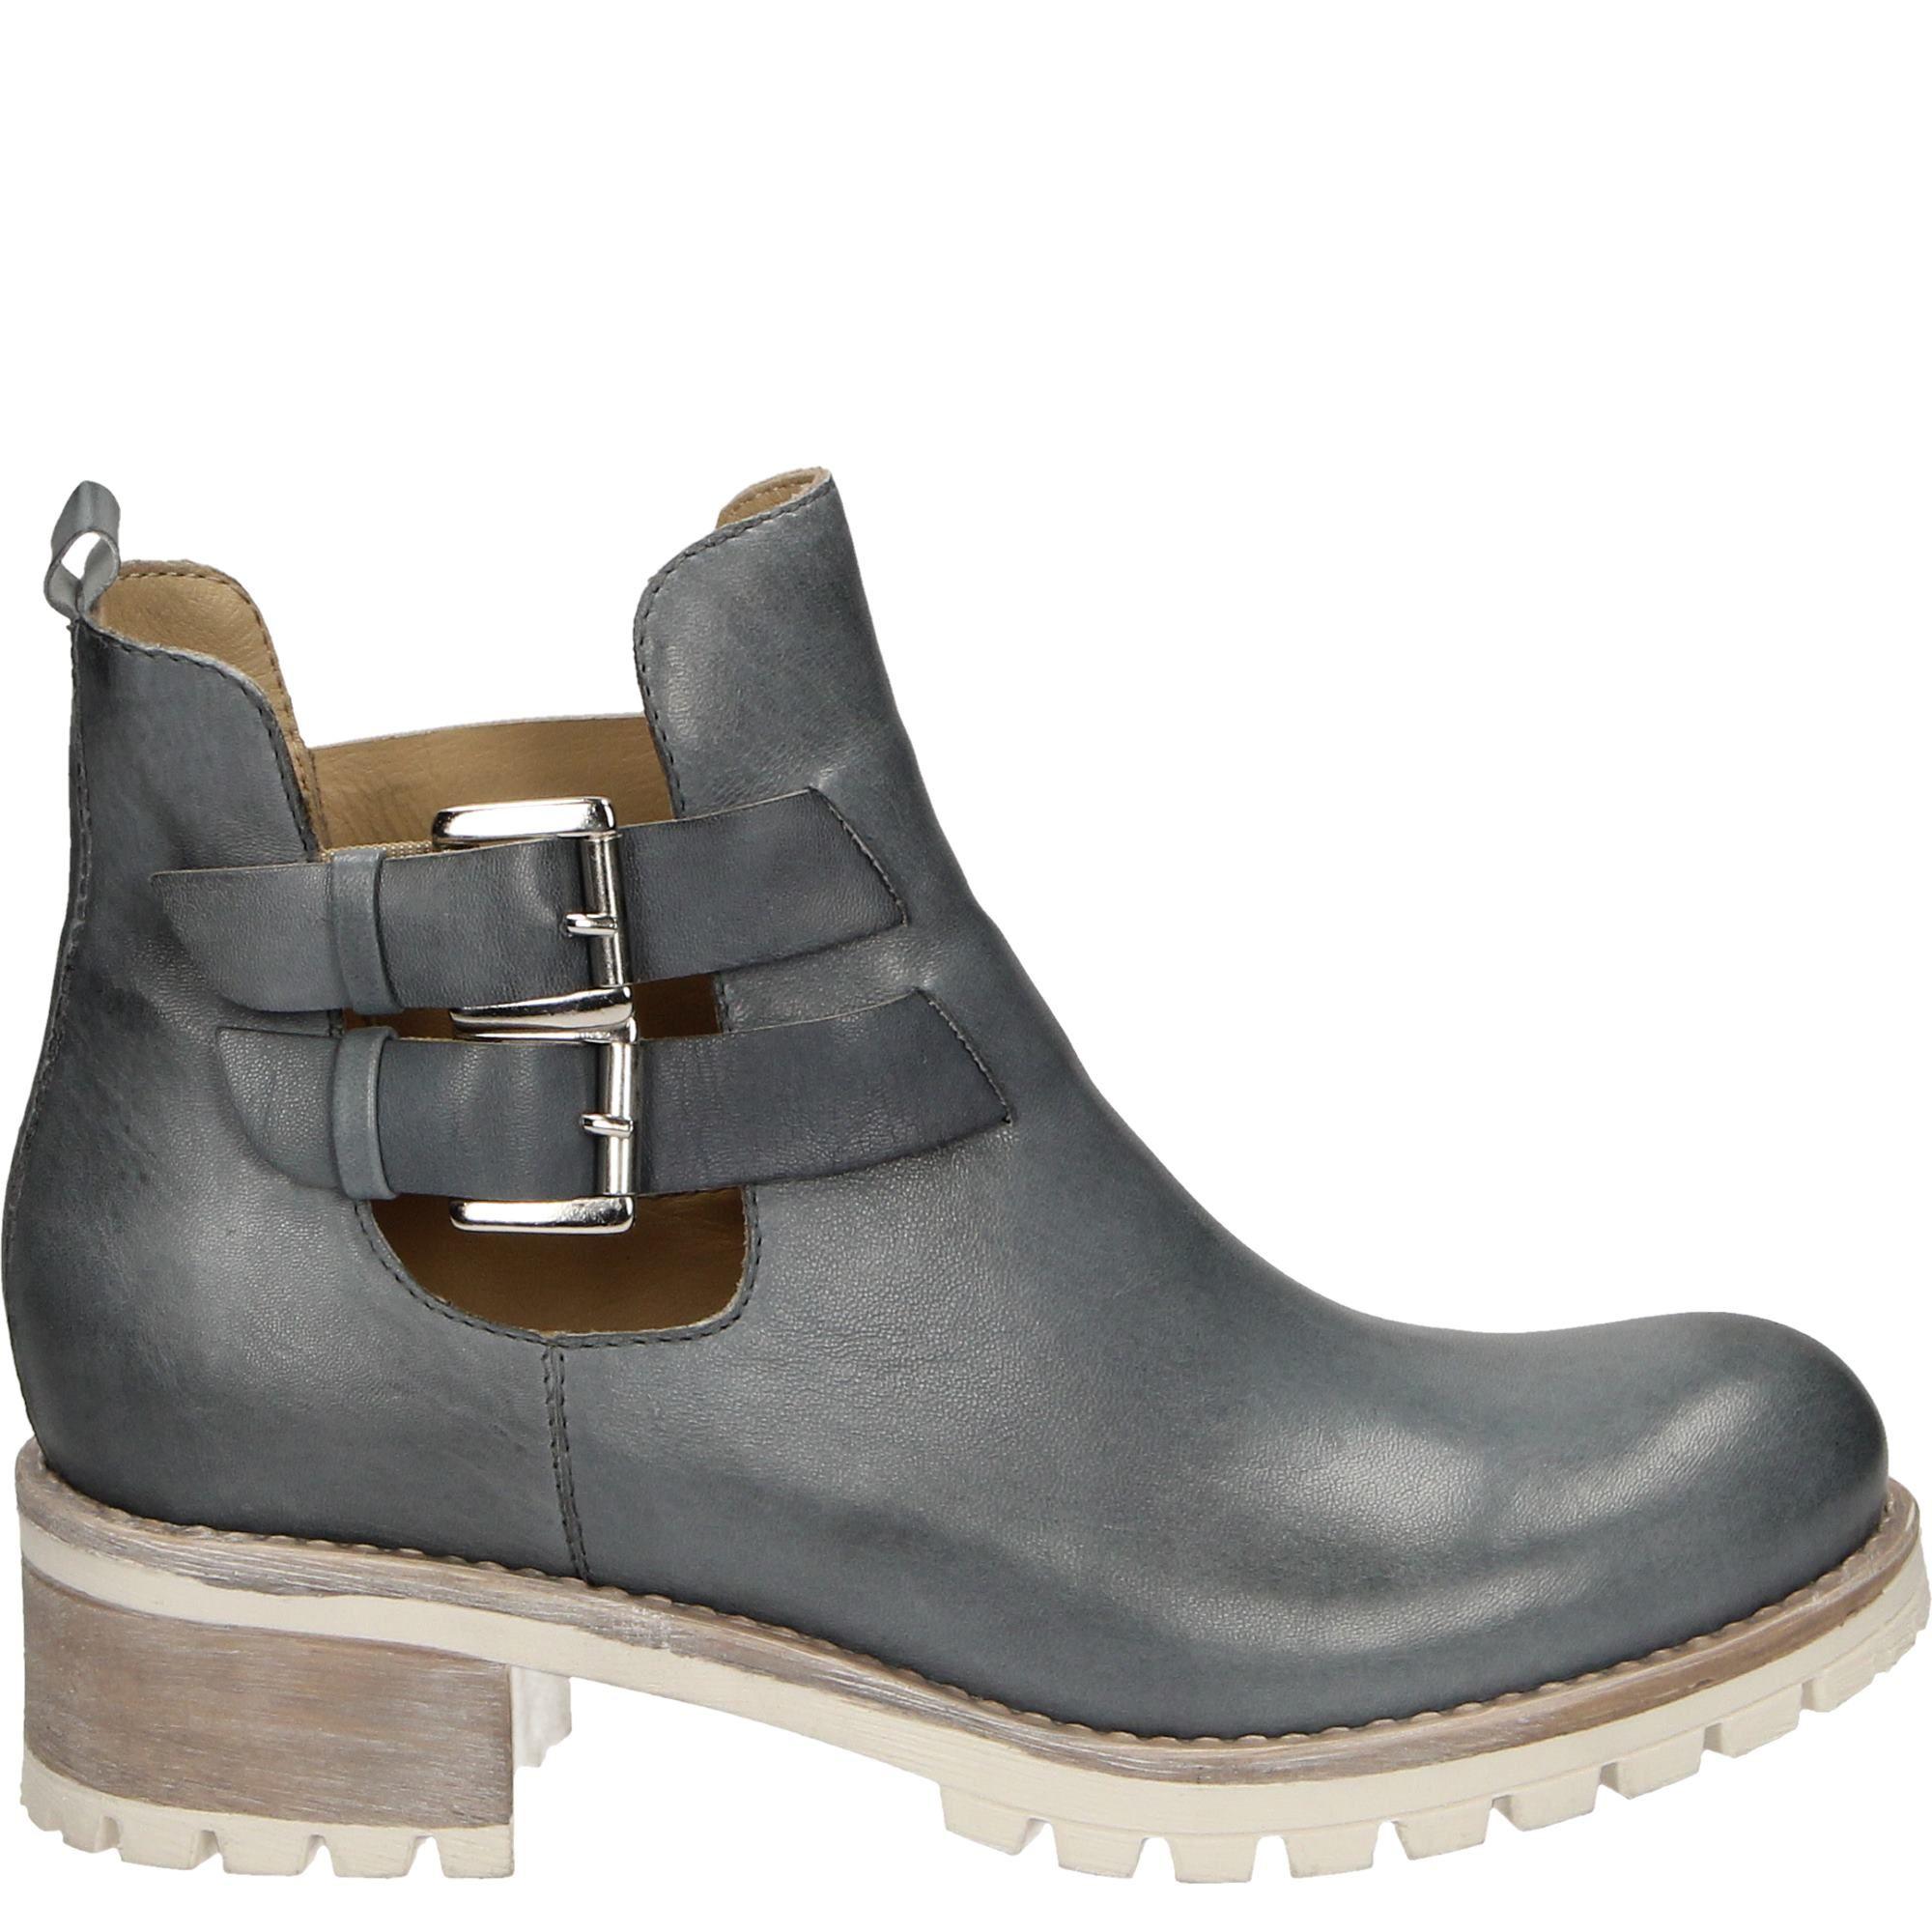 Venezia Firmowy Sklep Online Markowe Buty Online Buty Wloskie Obuwie Damskie Obuwie Meskie Torby Damskie Kurtki Damskie Biker Boot Boots Shoes